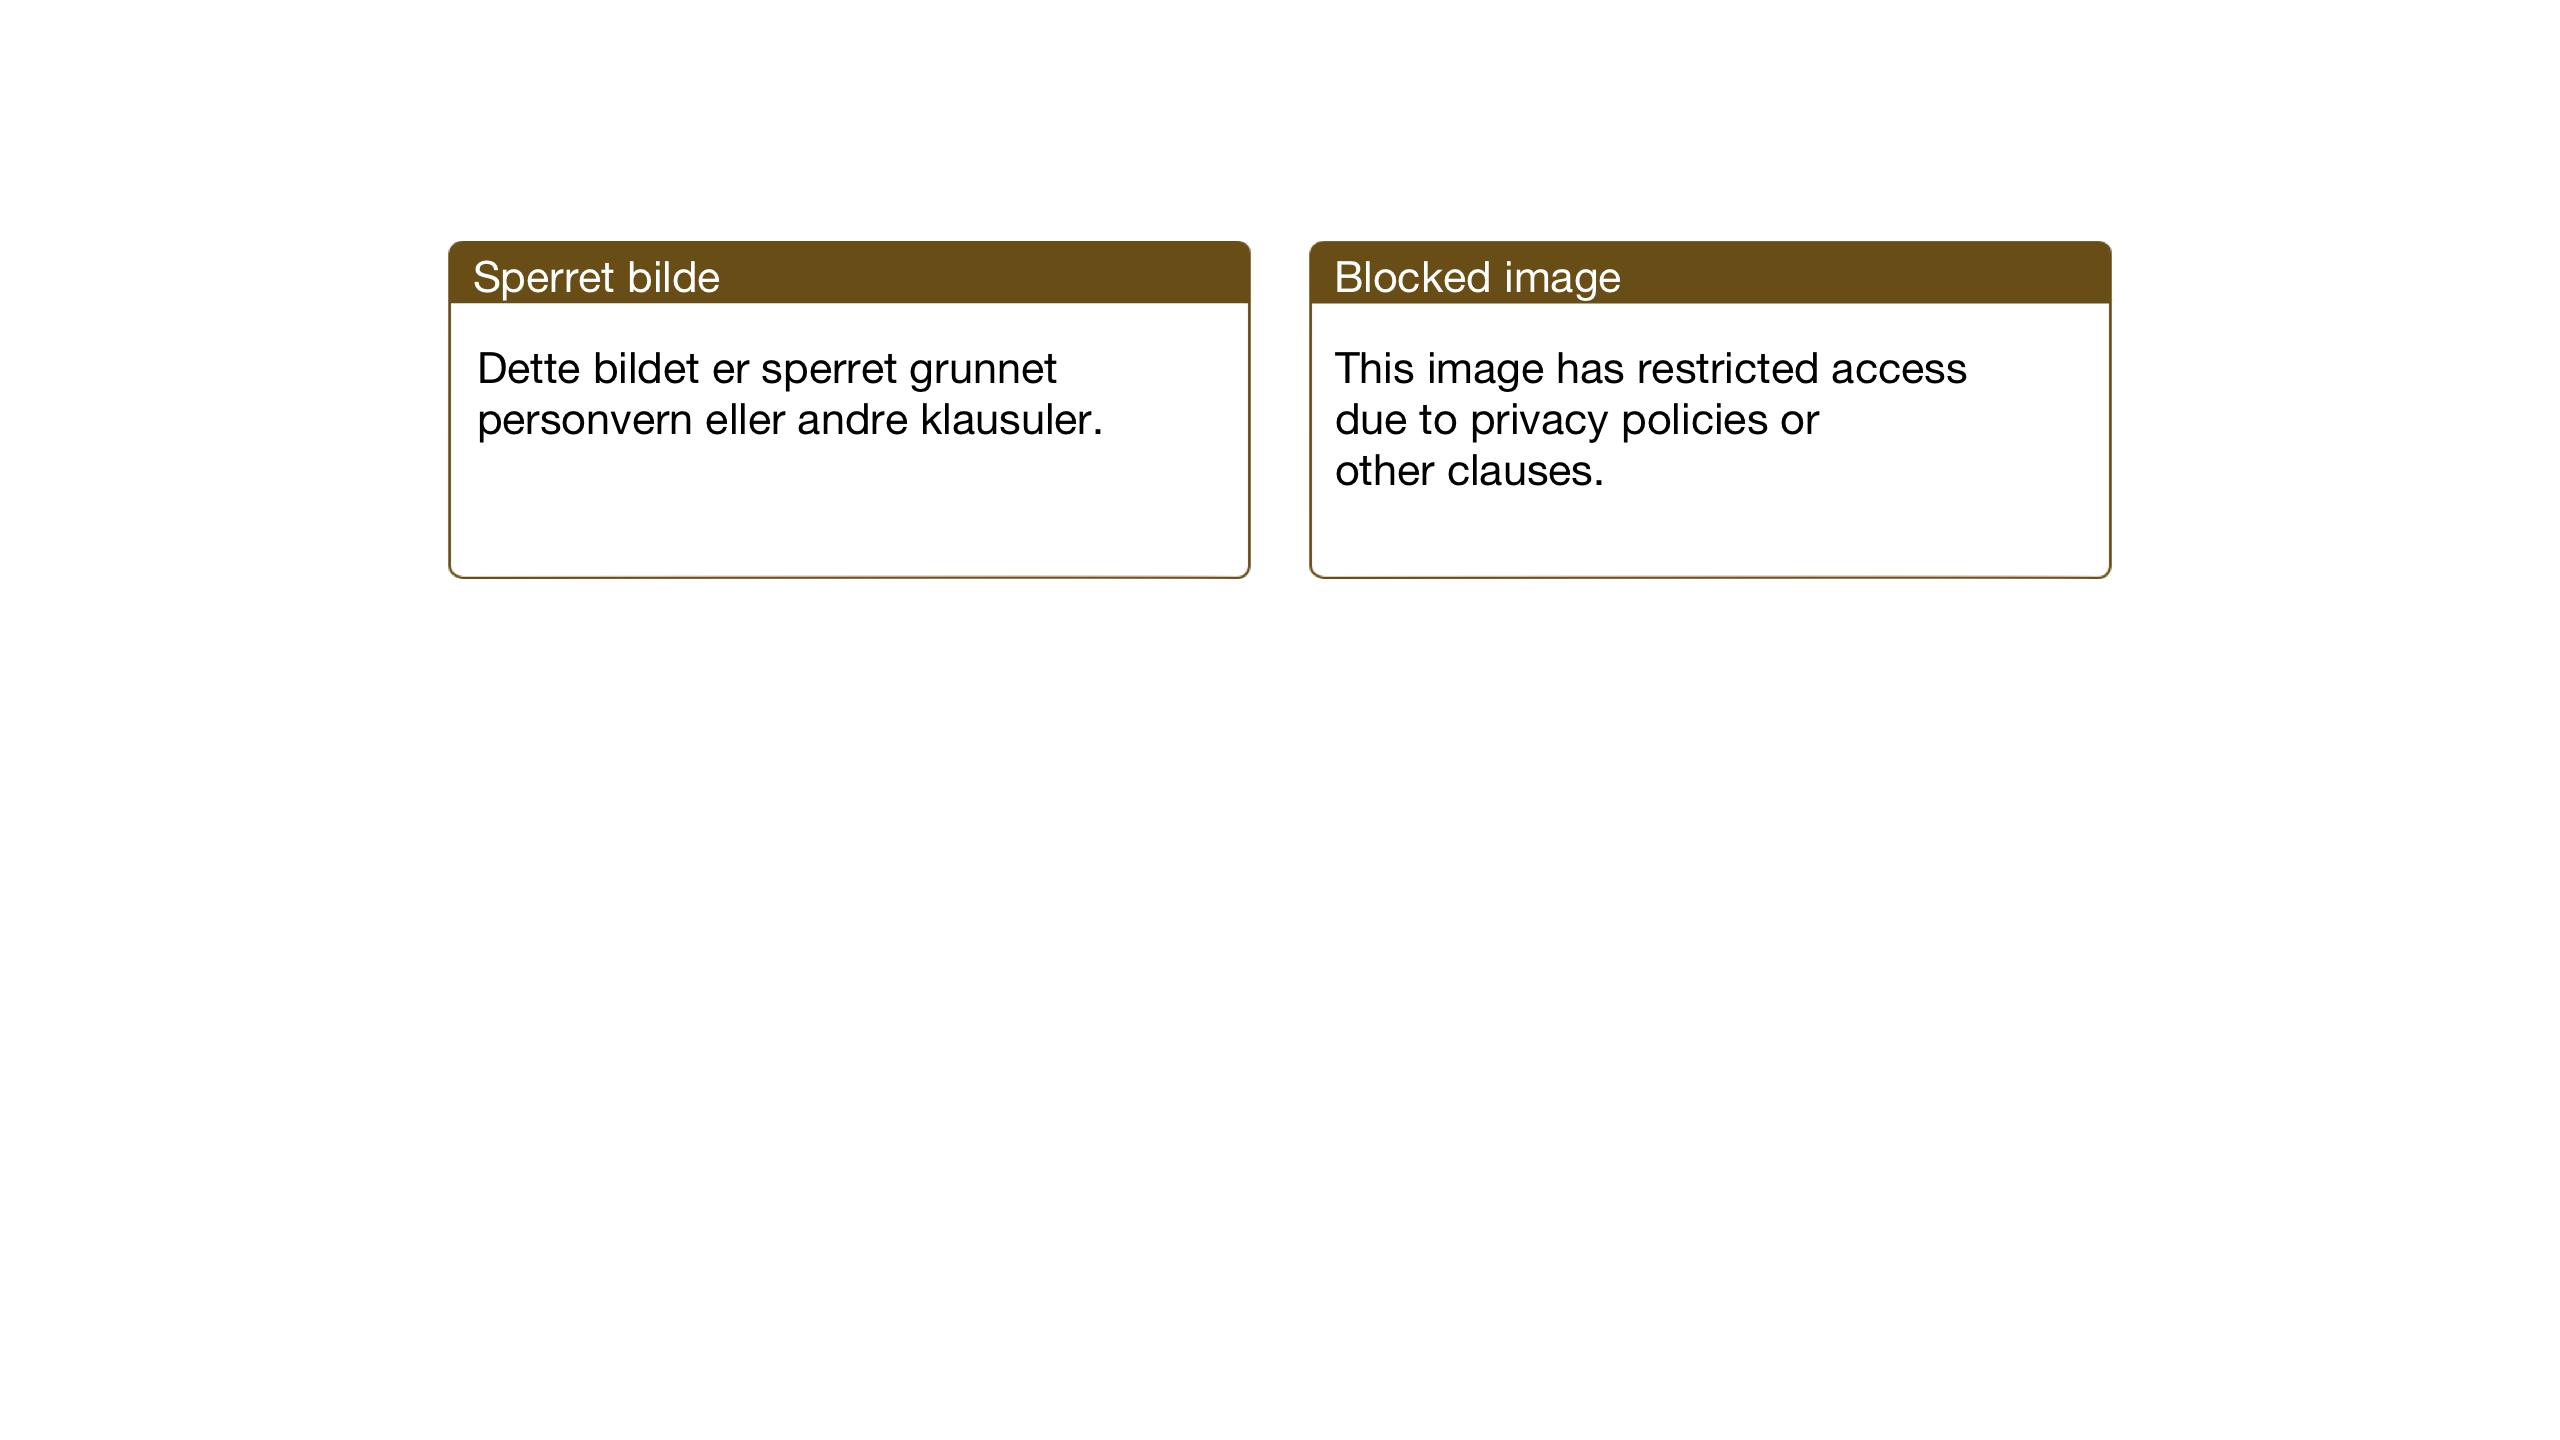 SAT, Ministerialprotokoller, klokkerbøker og fødselsregistre - Sør-Trøndelag, 603/L0174: Klokkerbok nr. 603C02, 1923-1951, s. 208